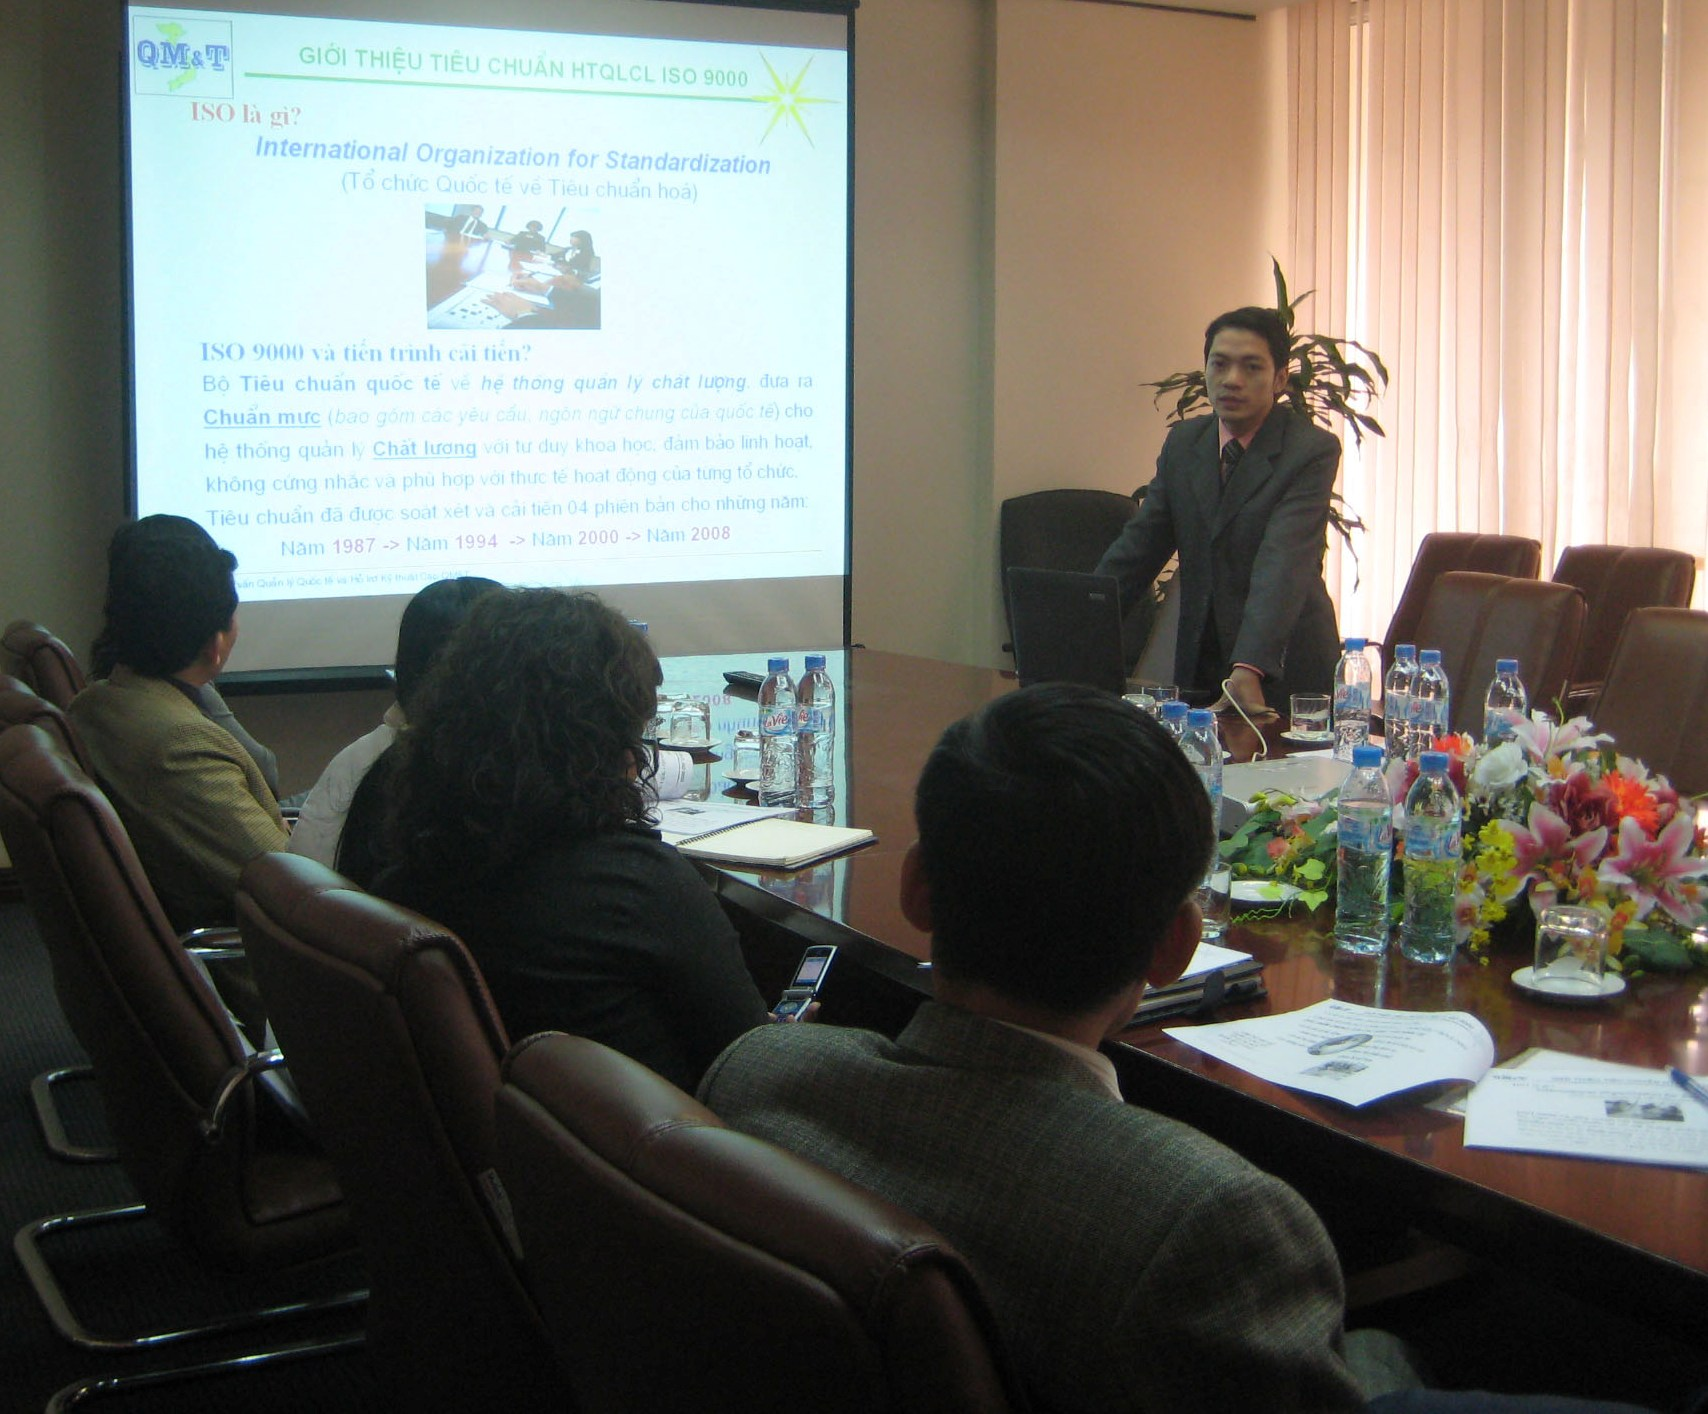 Đào tạo nhận thức HTQLCL ISO 9001:2008 tại Công ty CP Kim khí Hà Nội